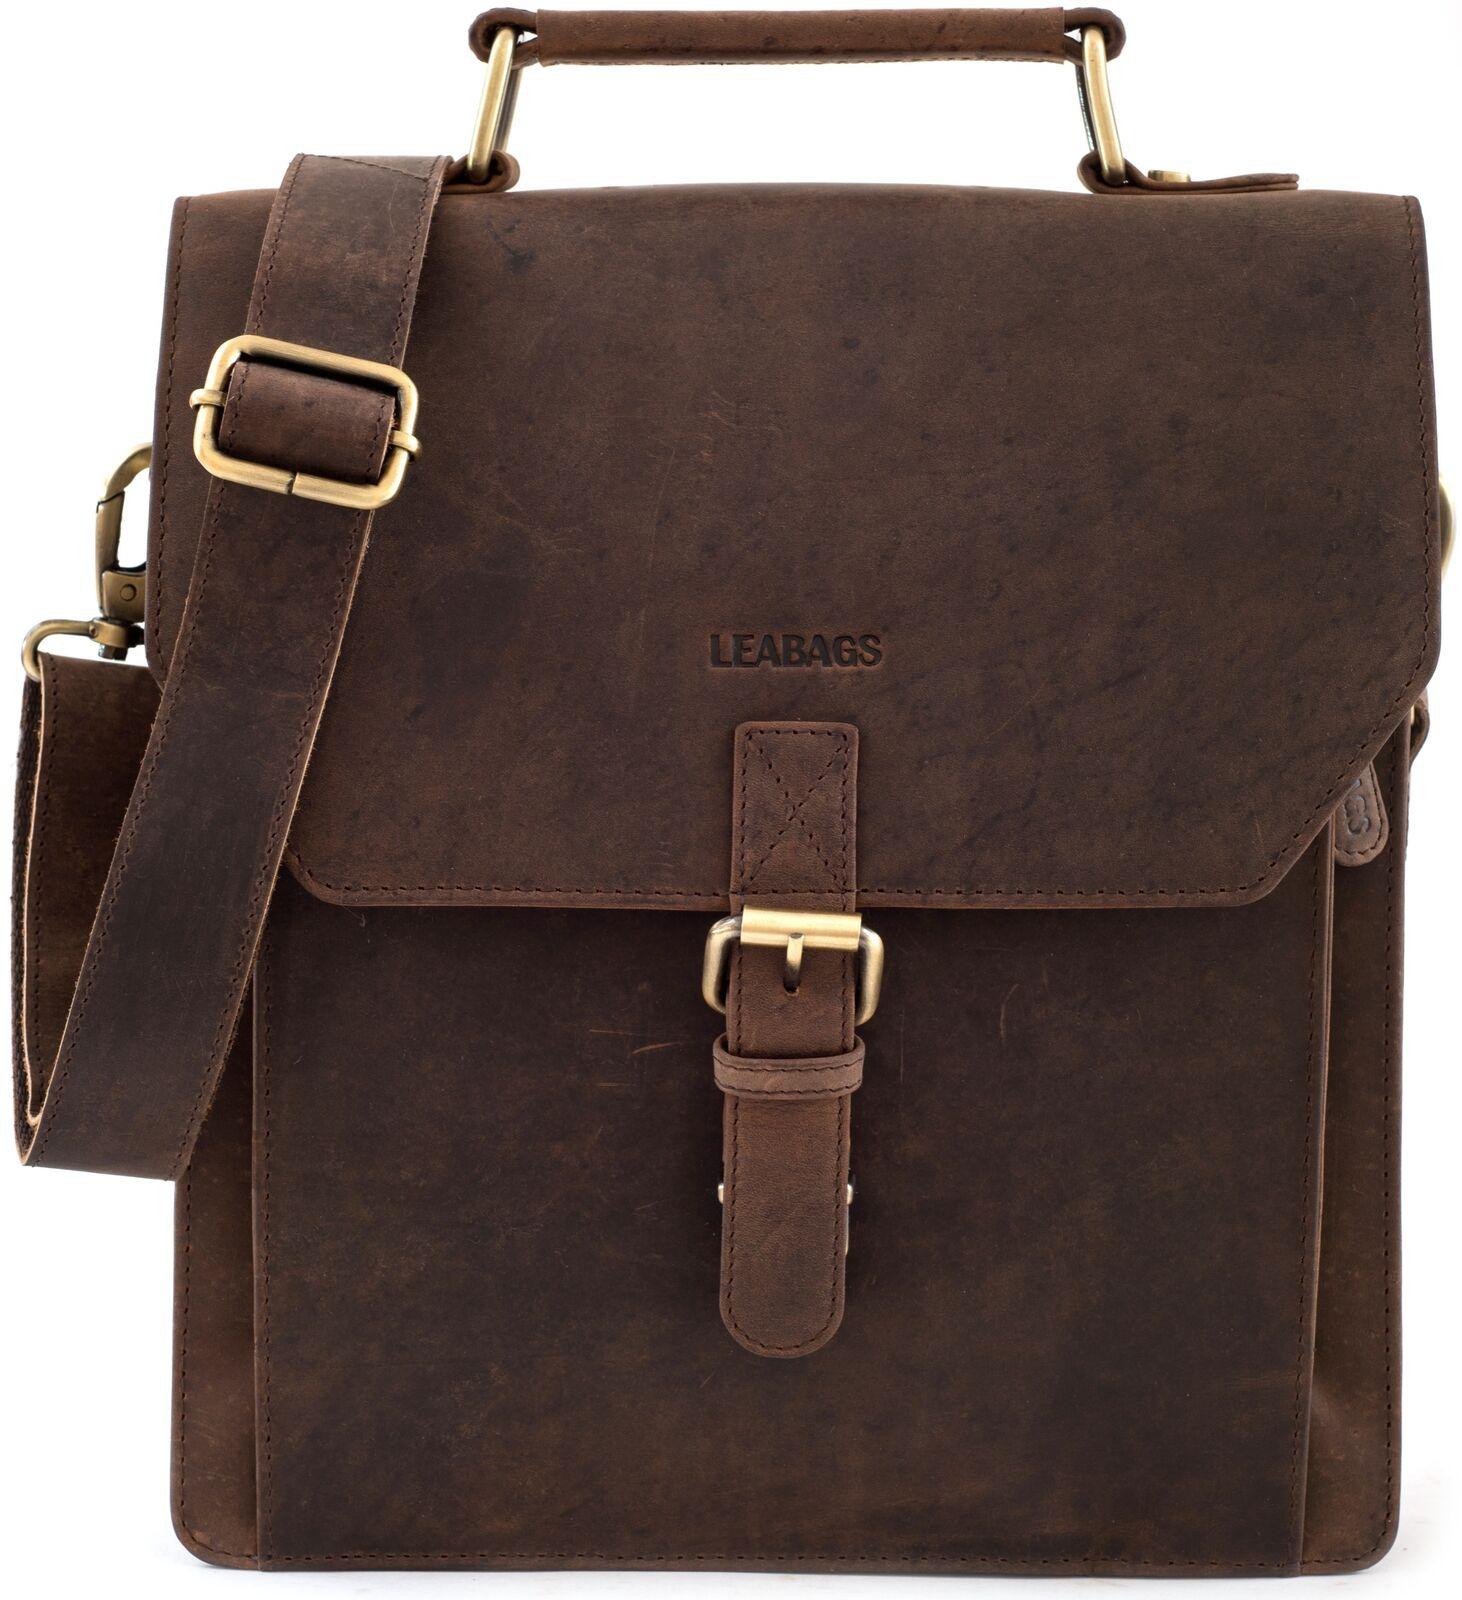 LEABAGS Netanya  Aktentasche aus echtem Büffel-Leder im Vintage Look   Economy    Bekannt für seine gute Qualität    Shop